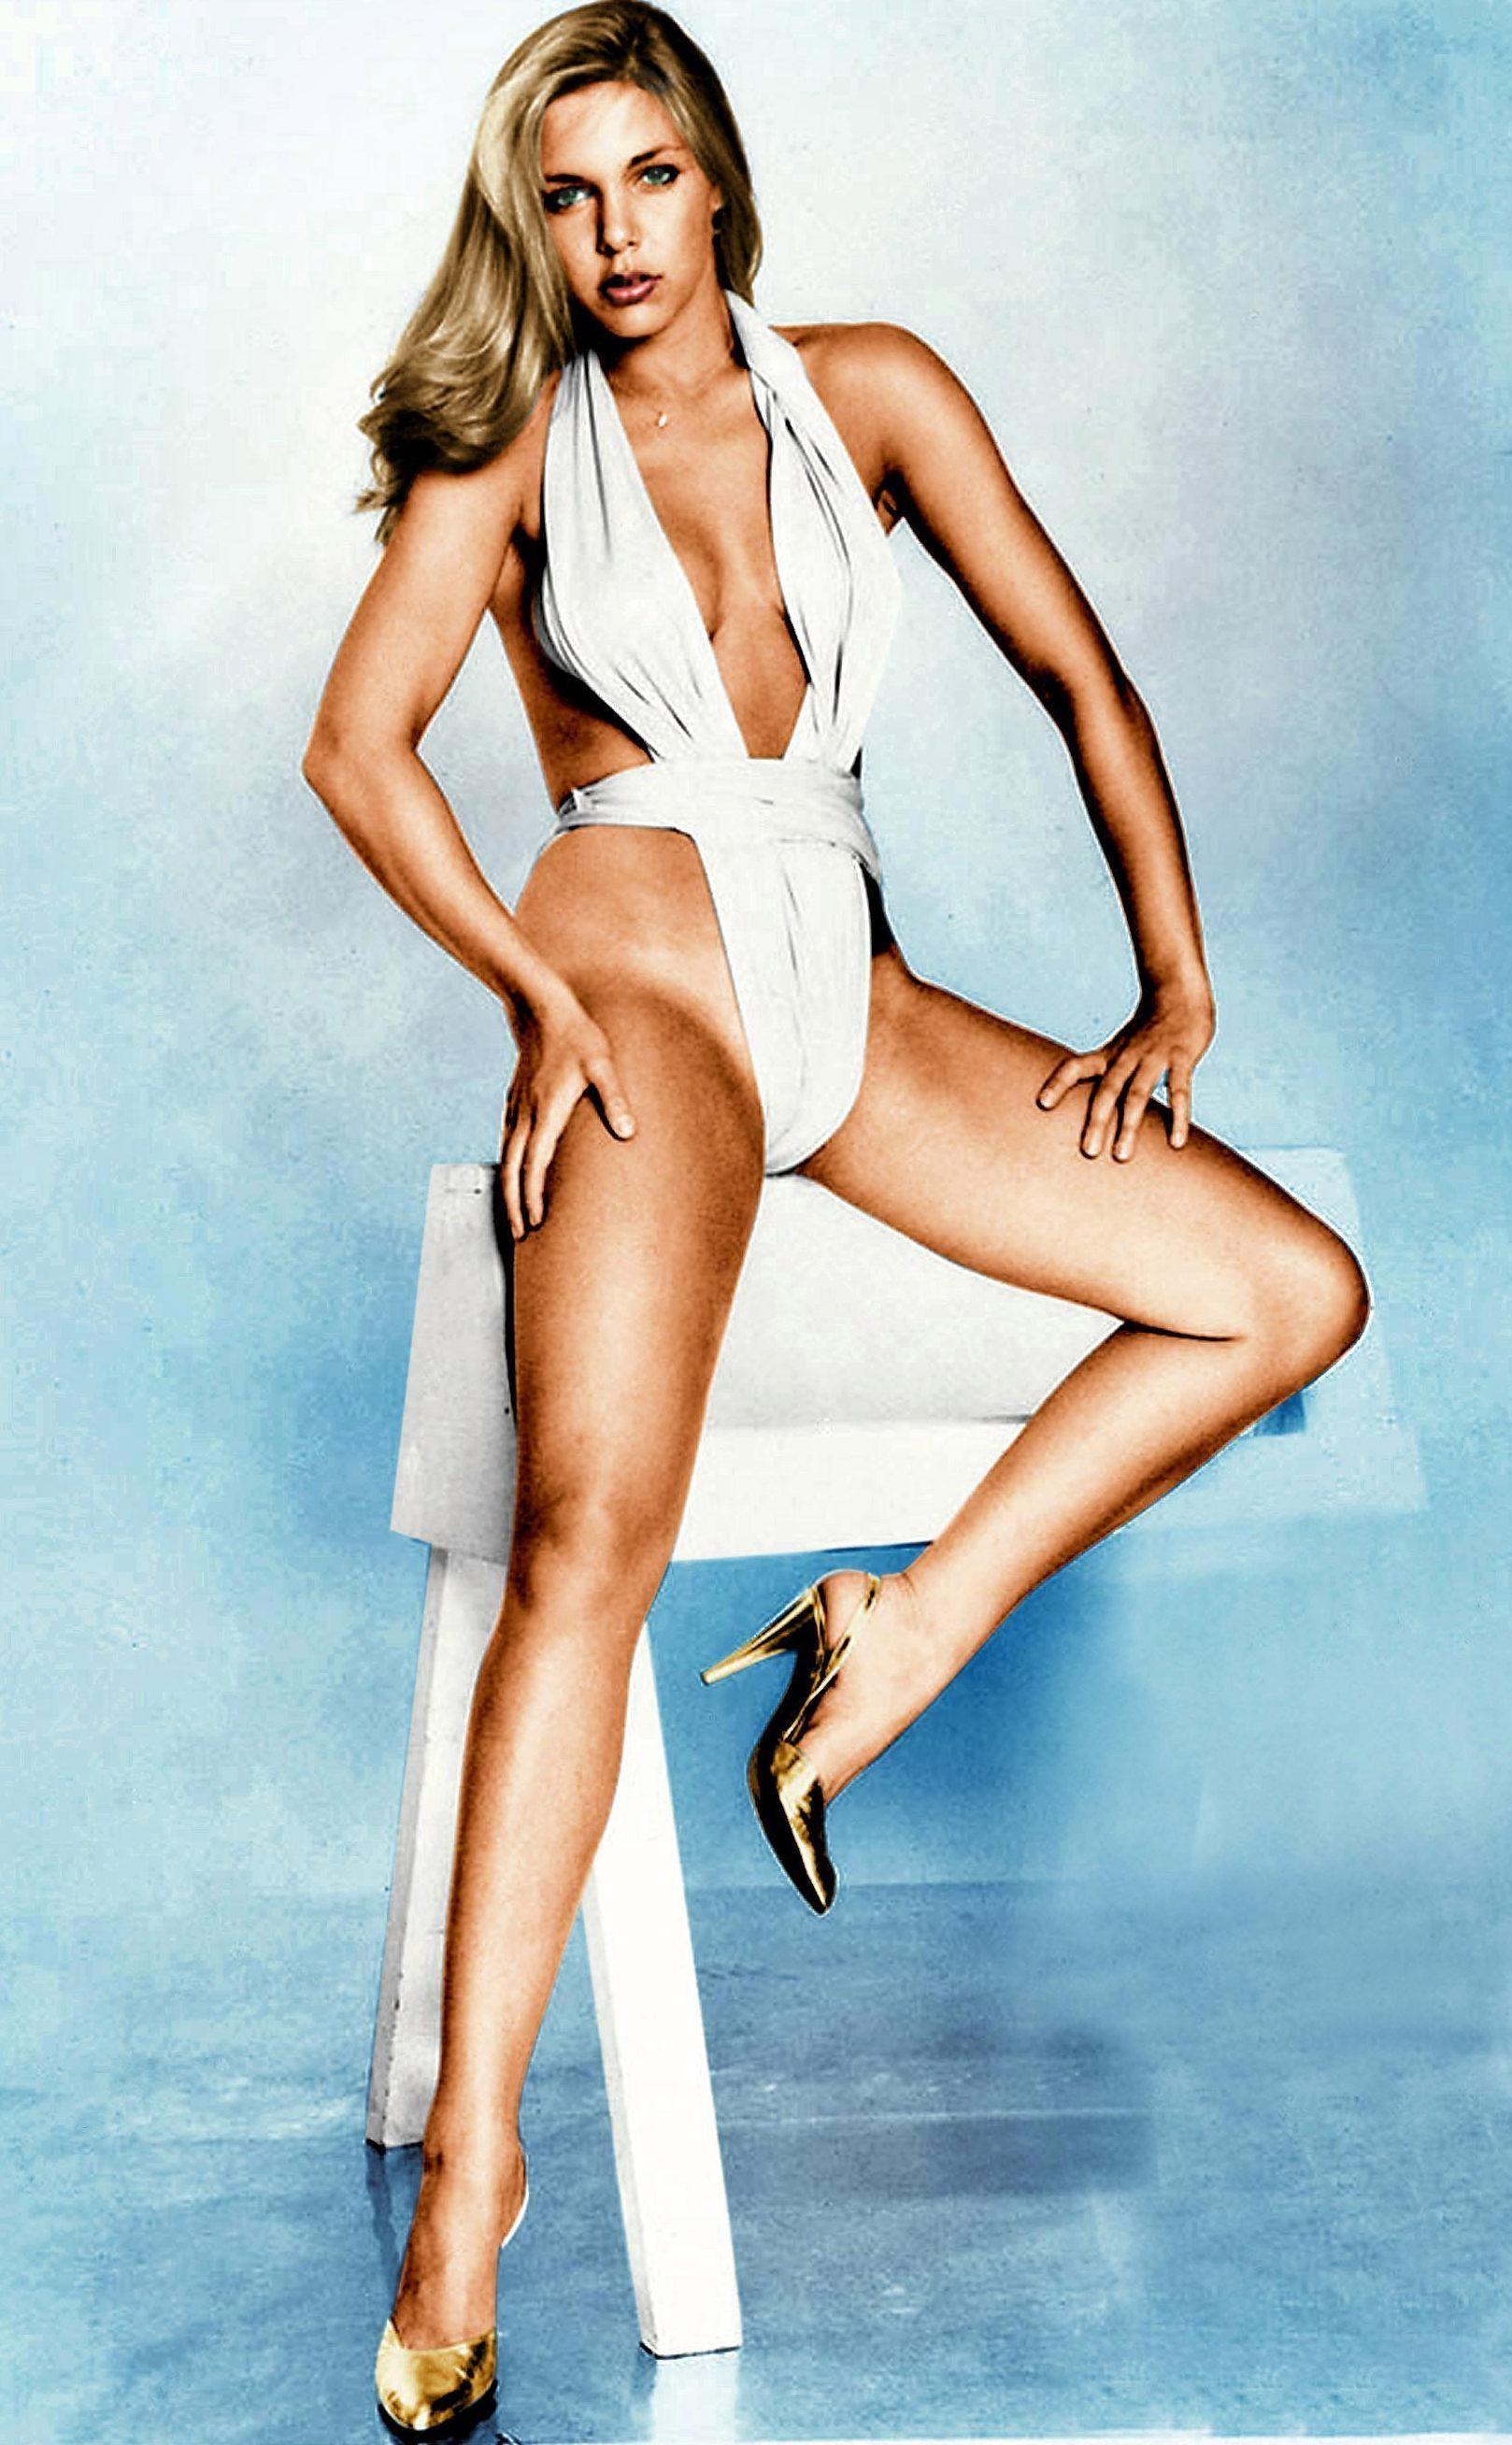 Баби позира като модел през 1977 г., когато започва и връзката й с Алън.